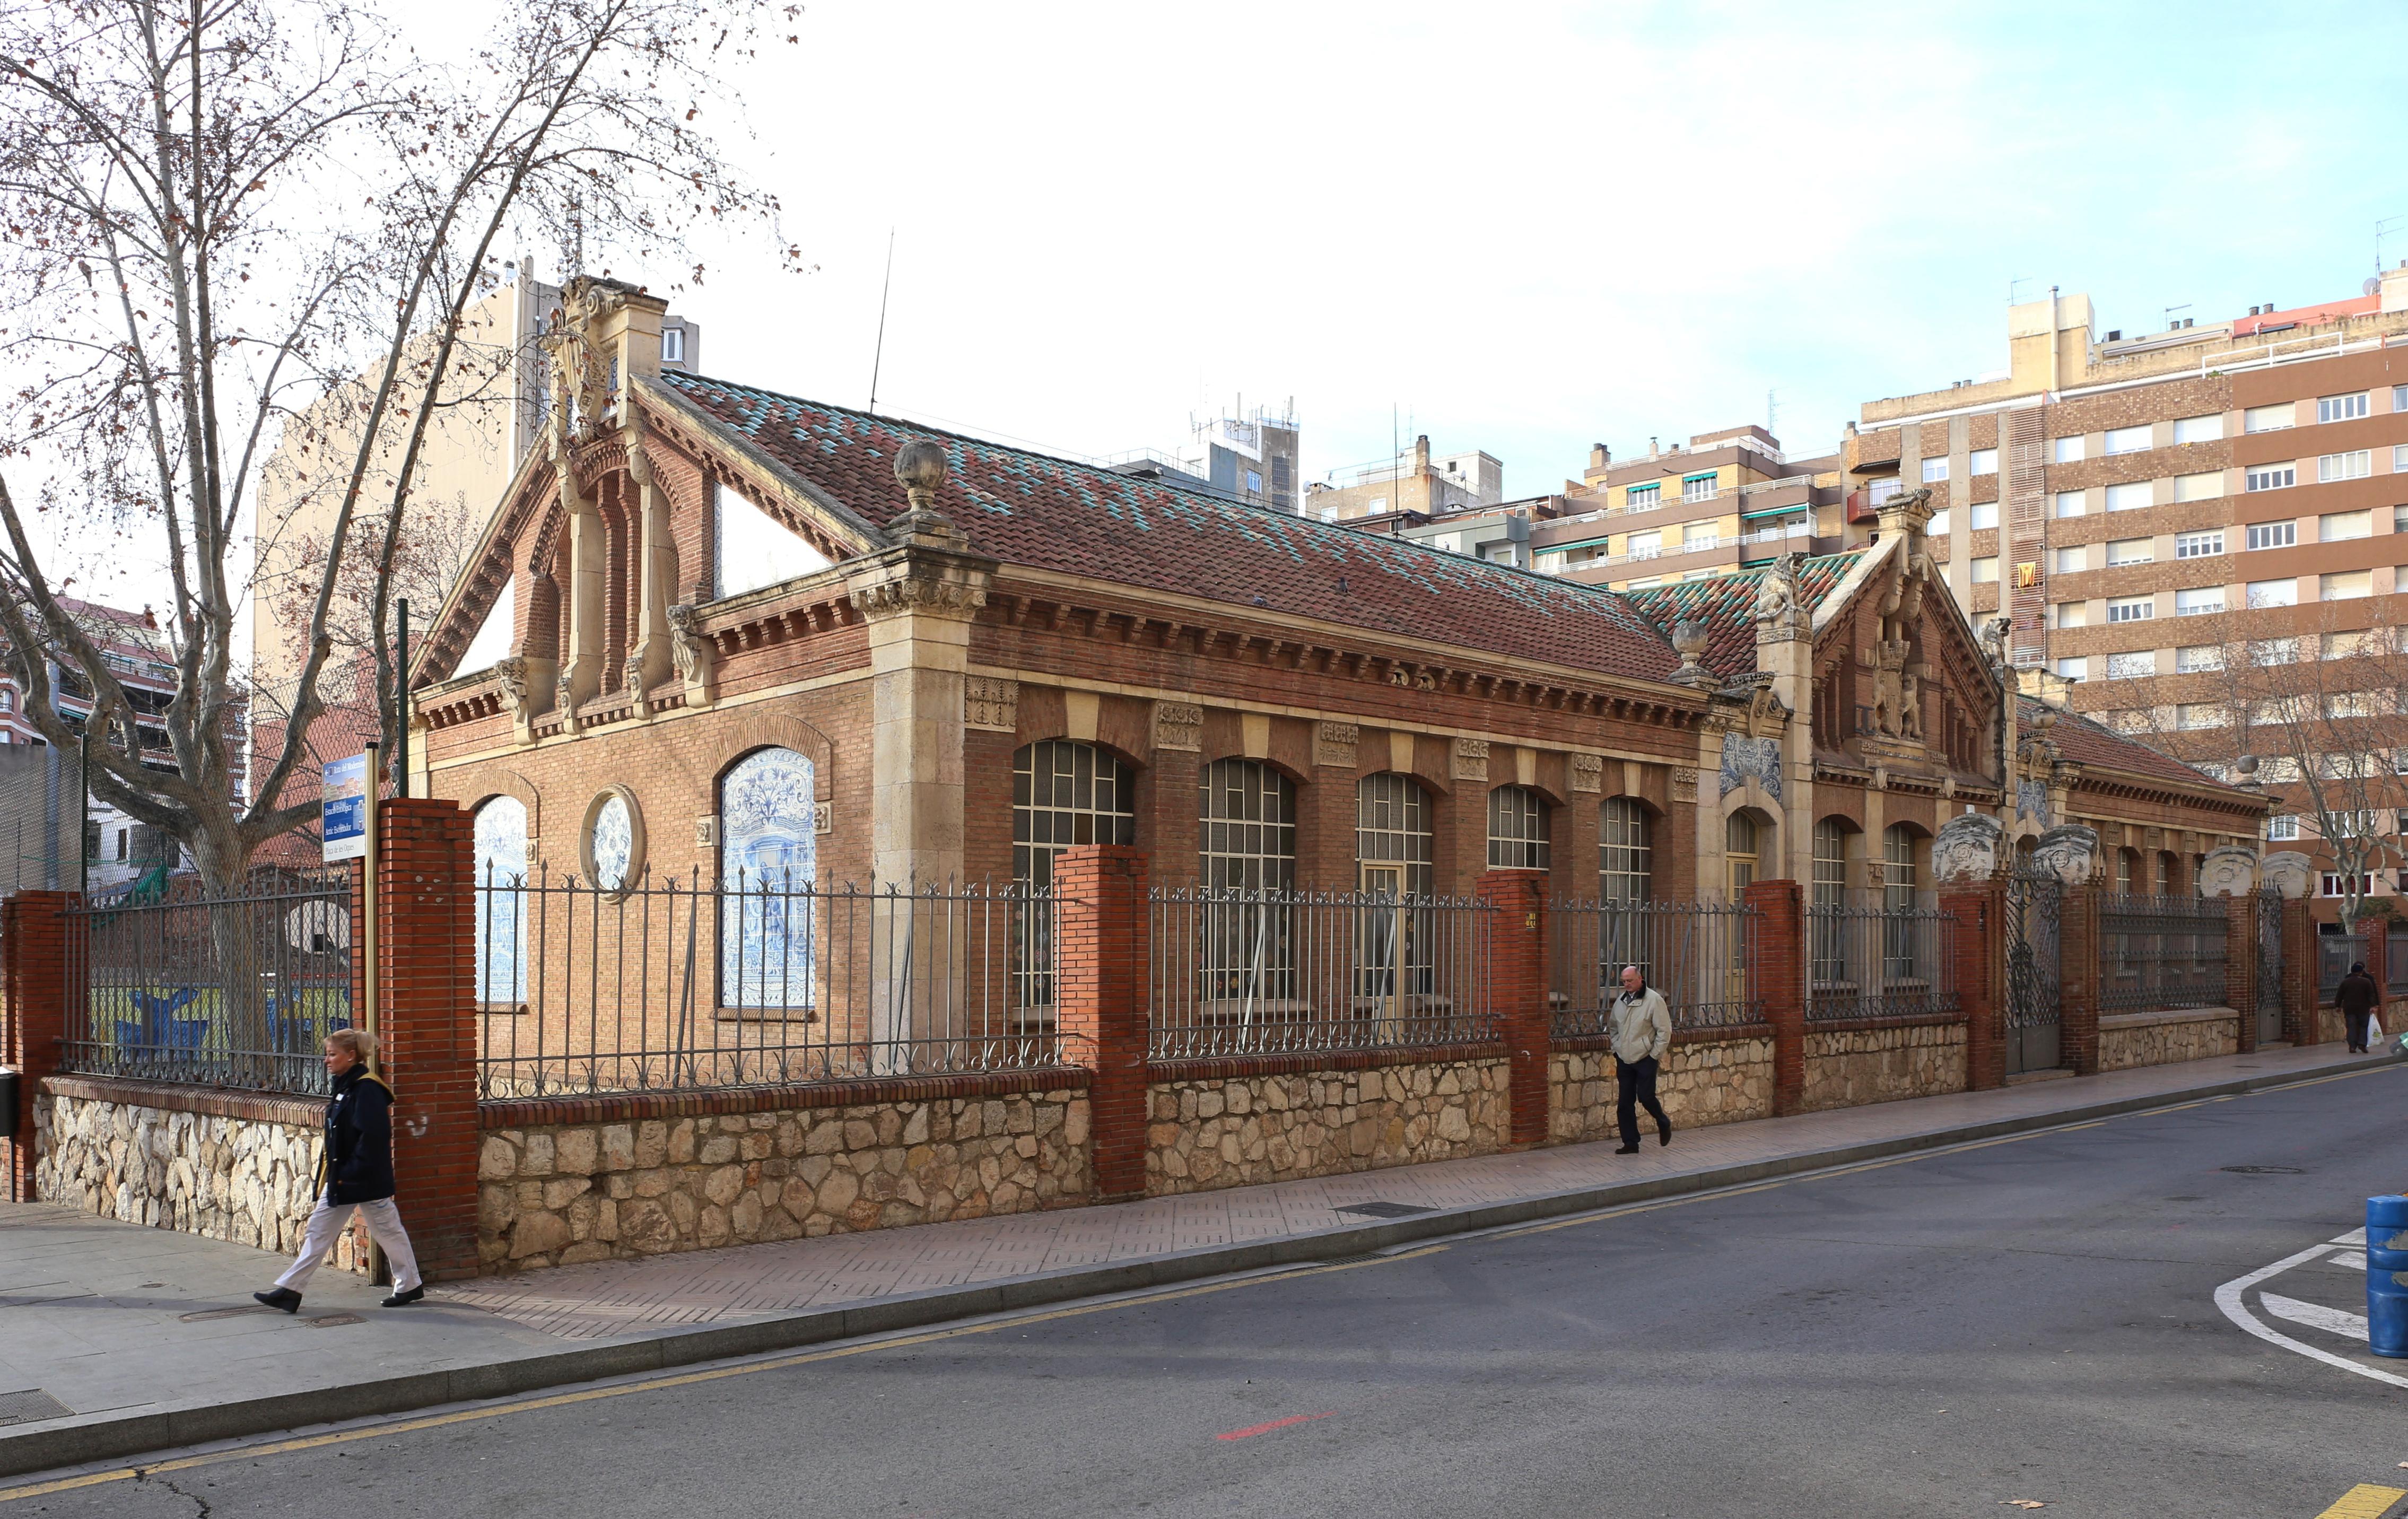 Реус. Маршрут модерна. Школа Прат-де-ла-Риба. Escoles Prat de la Riba